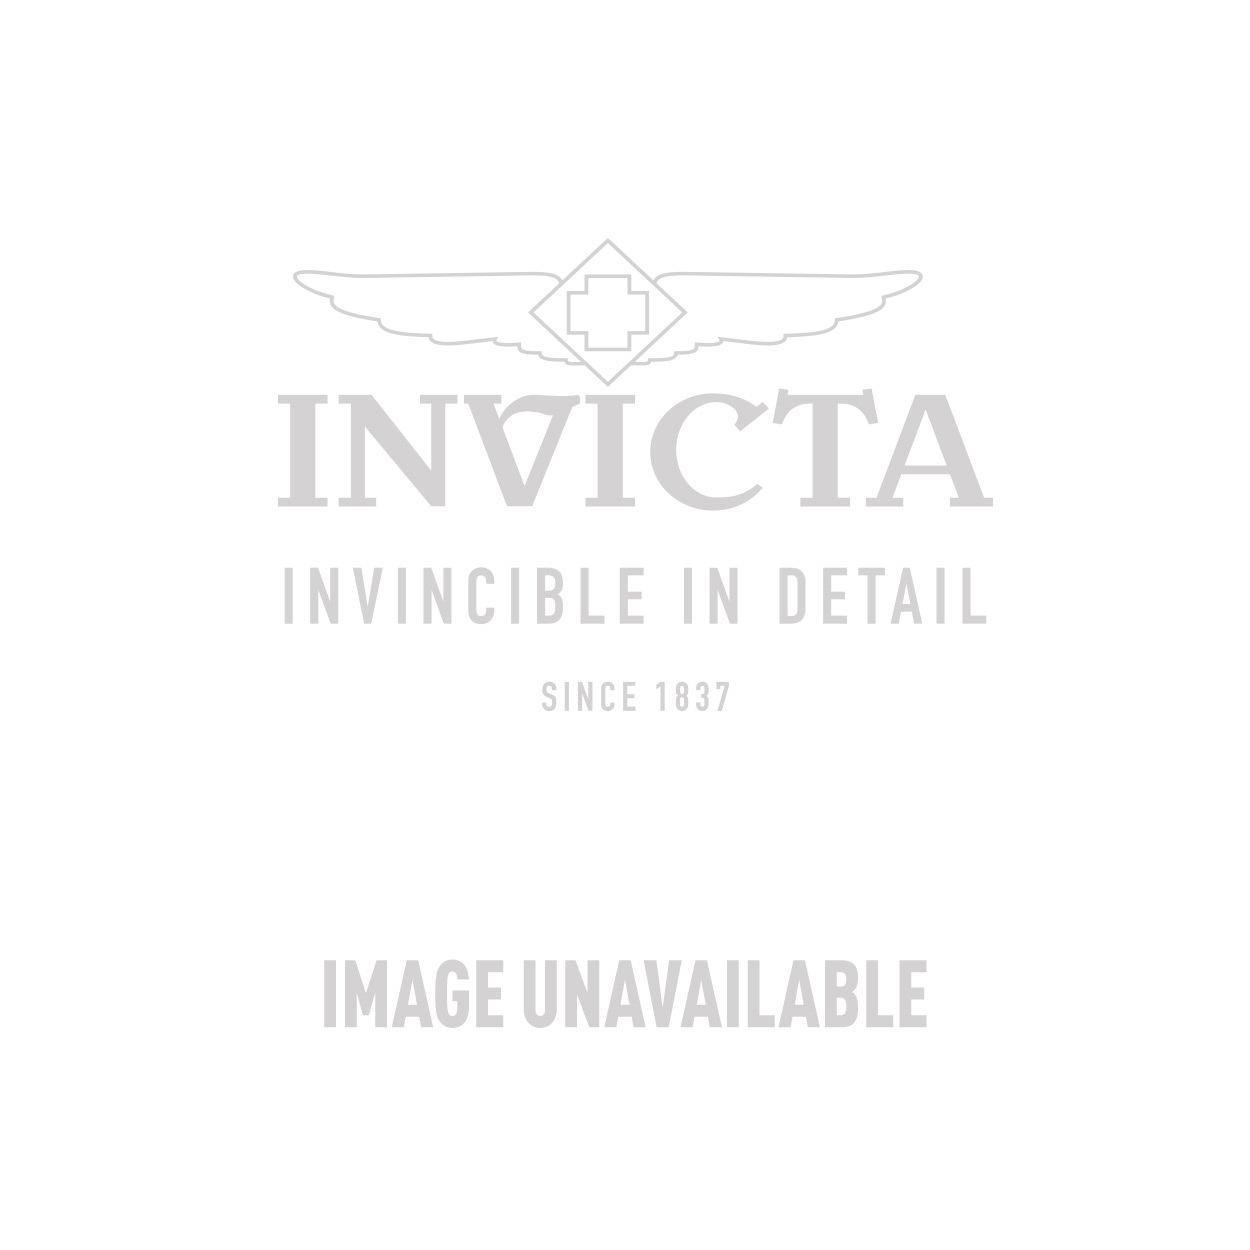 Invicta Model 27955